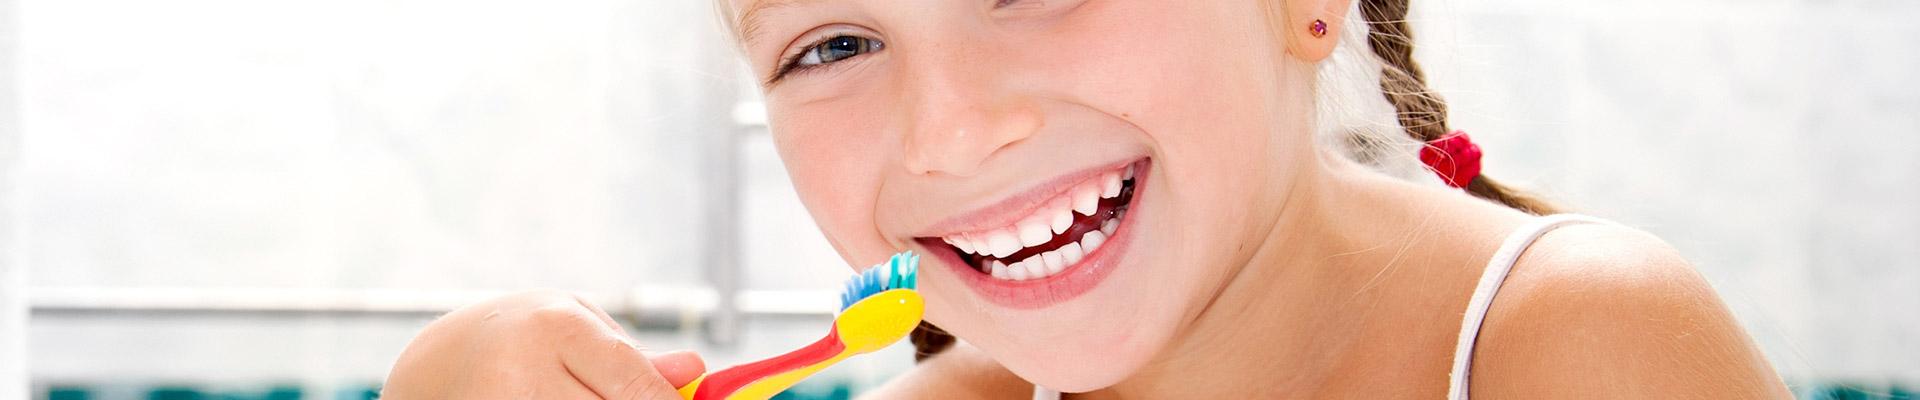 Dentistas para niños en Jerez